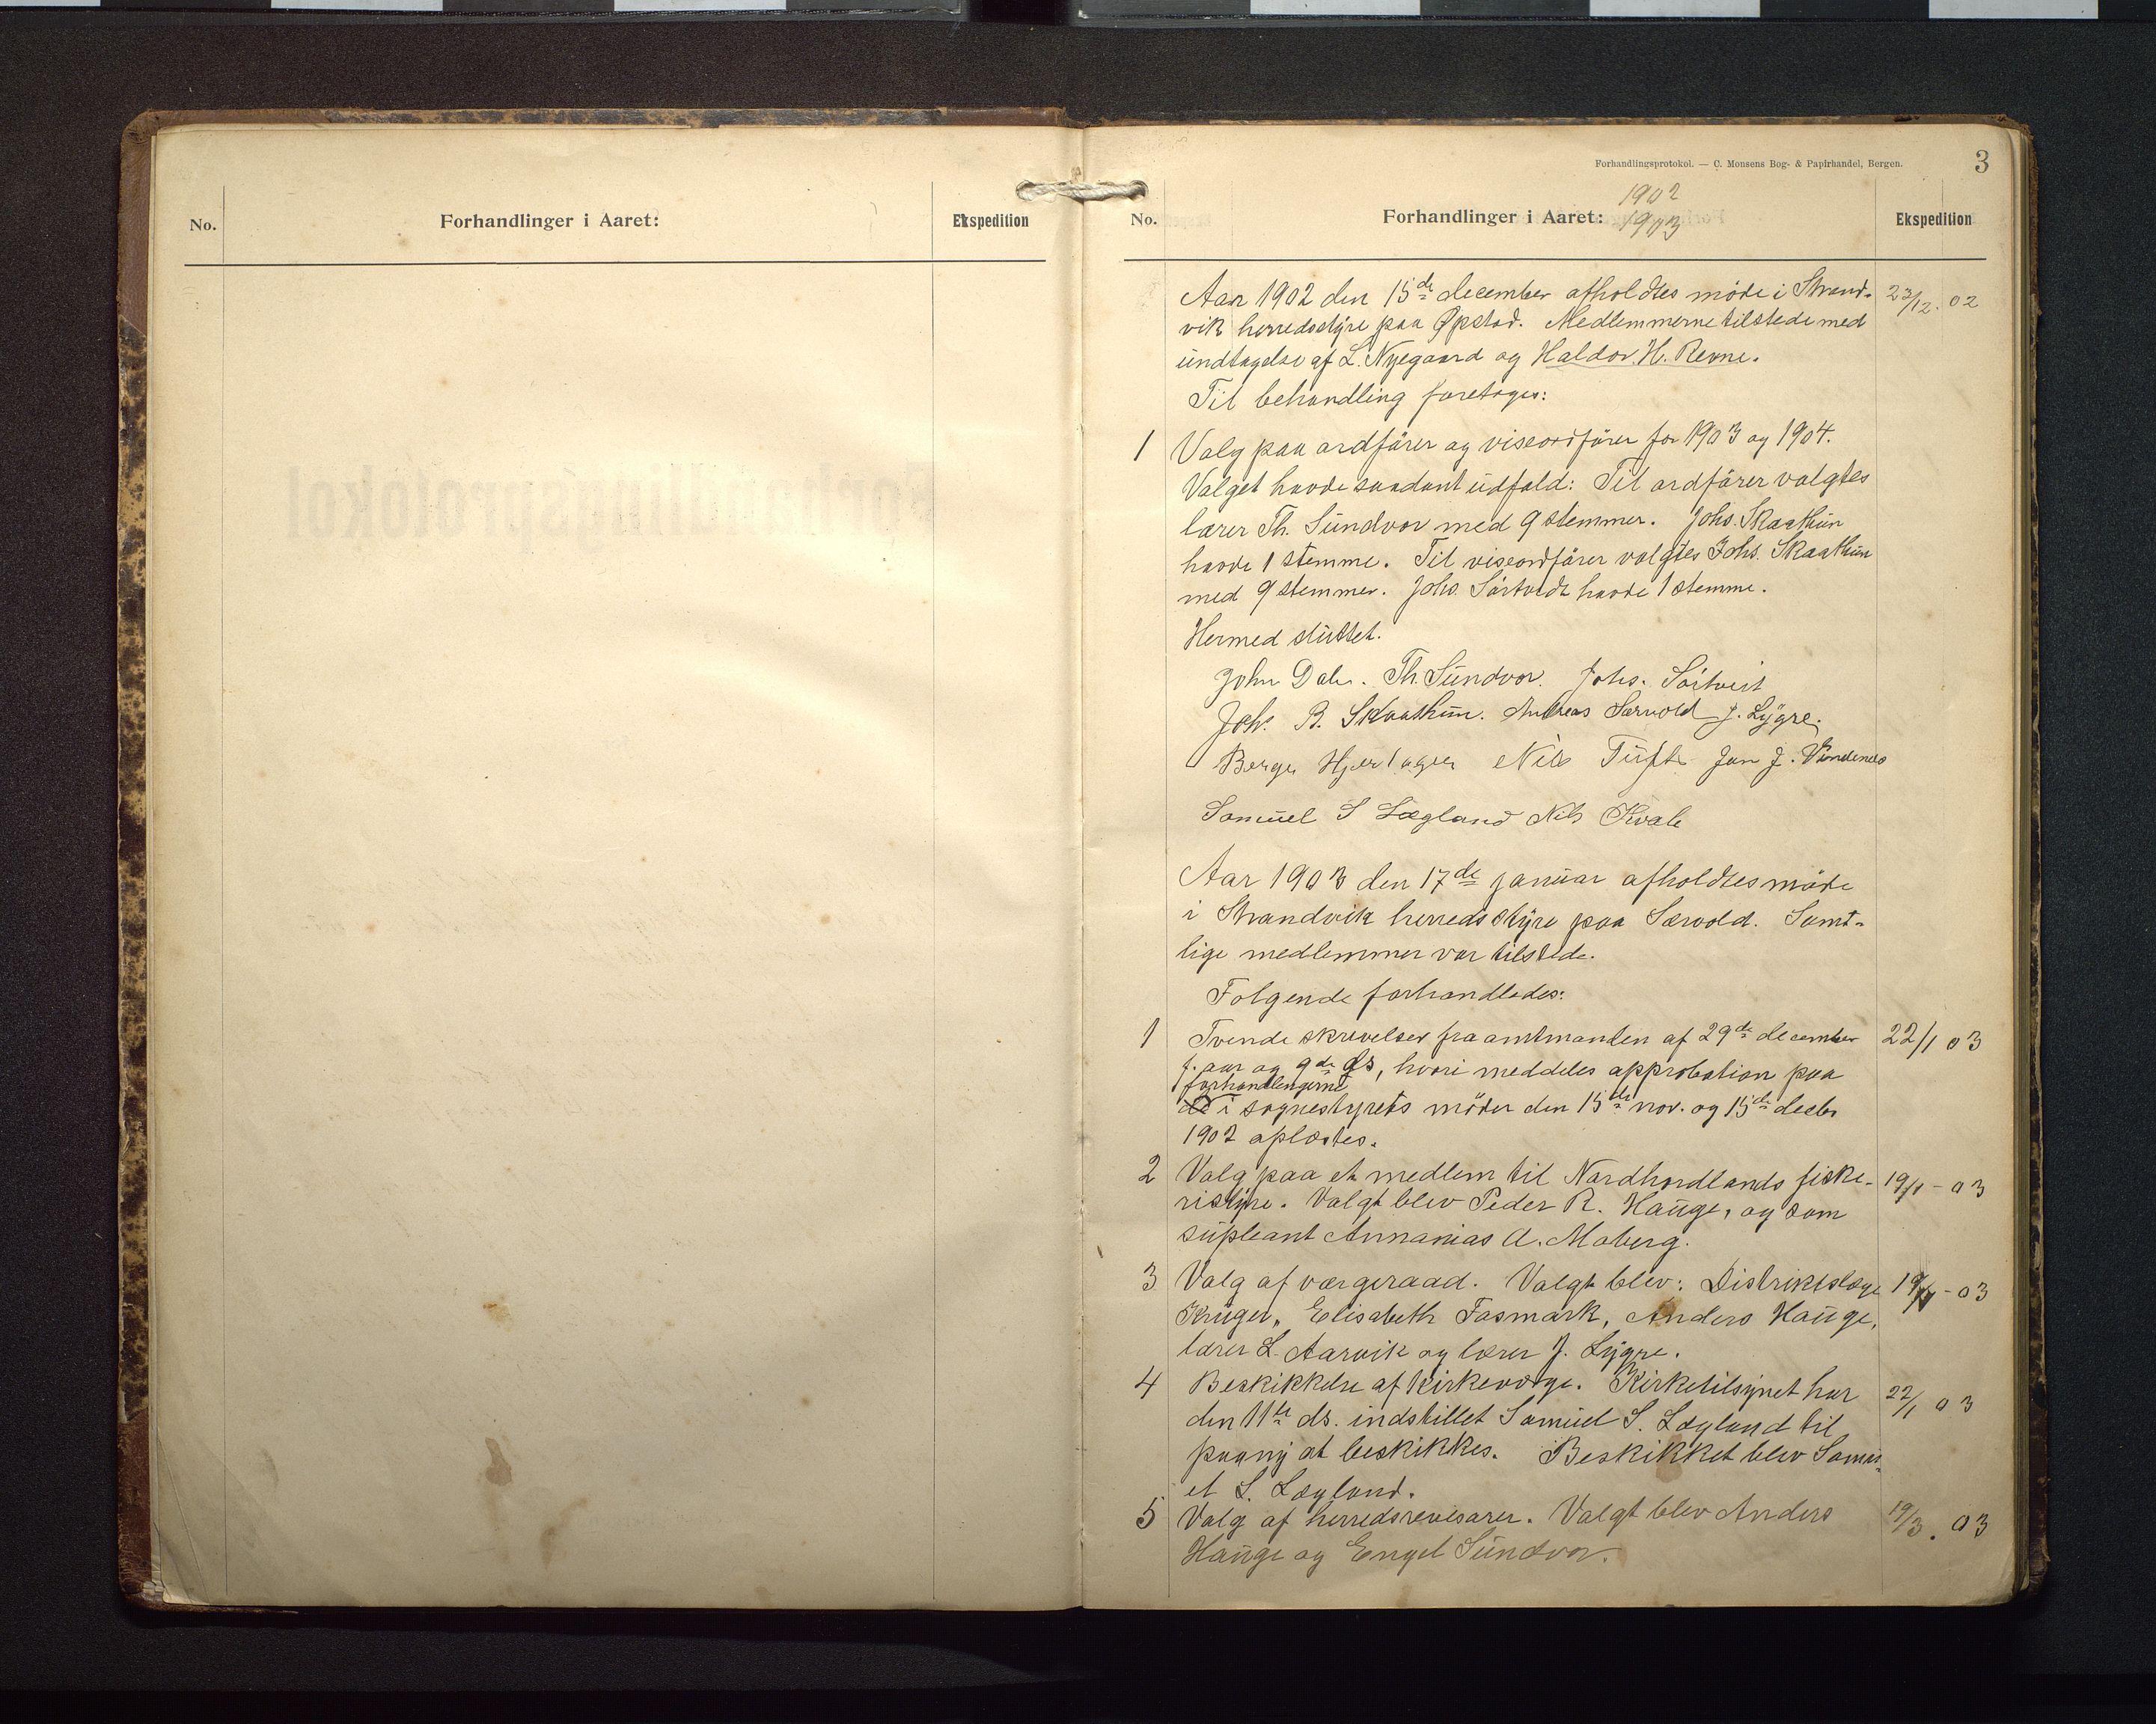 IKAH, Strandvik kommune. Formannskapet, A/Aa/L0001: Møtebok, 1902-1912, s. 3